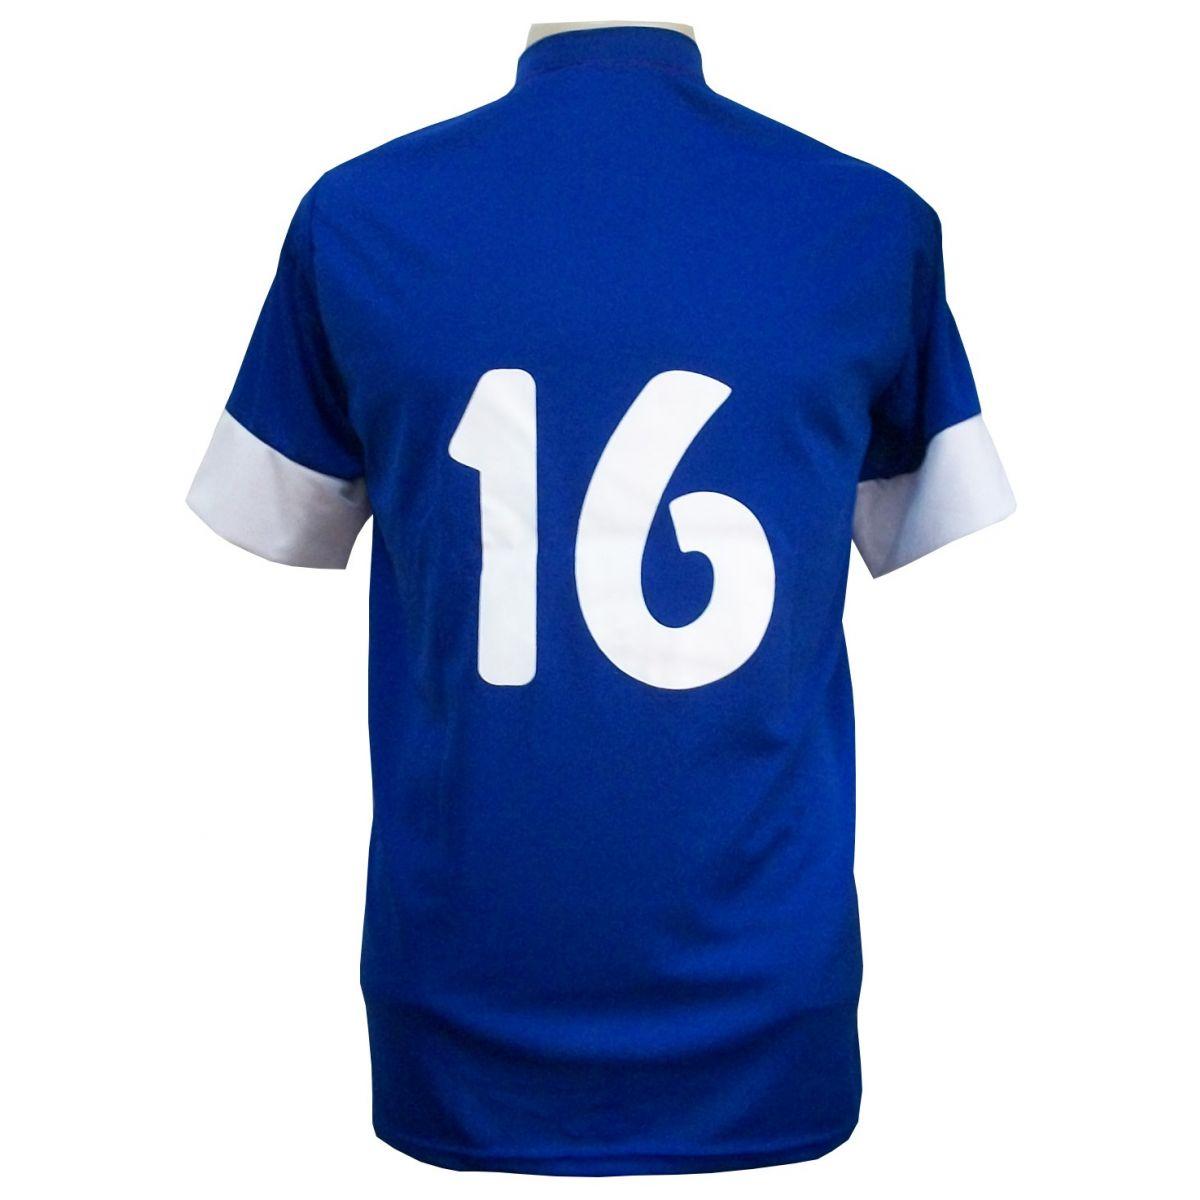 Uniforme Esportivo Completo modelo Sporting 14+1 (14 camisas Royal/Vermelho/Branco + 14 calções Madrid Royal + 14 pares de meiões Vermelho + 1 conjunto de goleiro) + Brindes